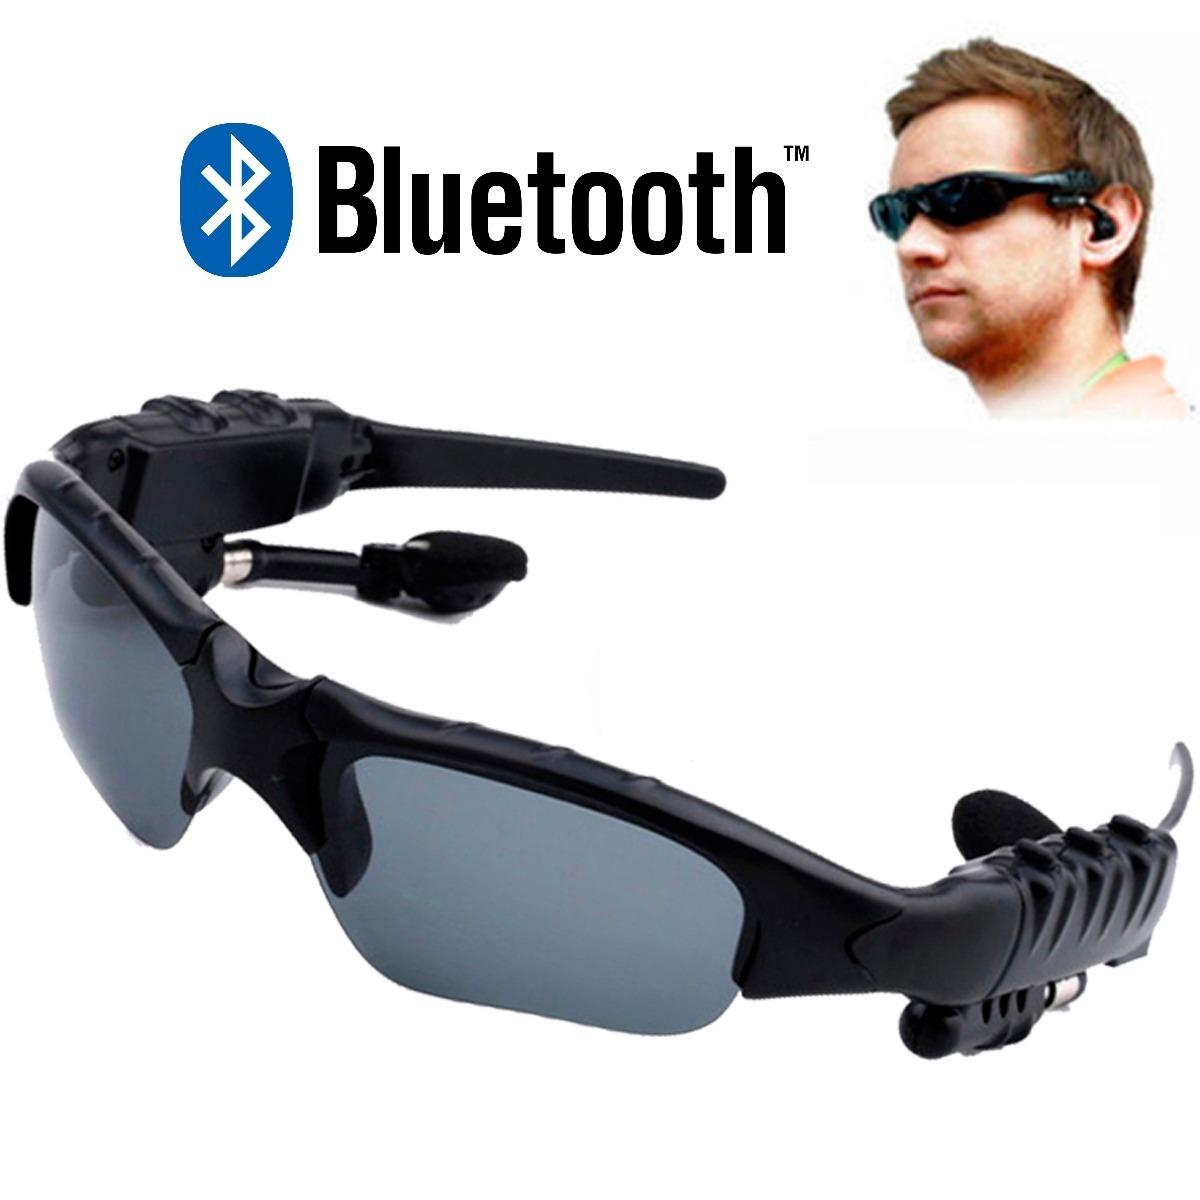 Manos Libres Lentes Sol De 00 Pzs1 702 6 Bluetooth Mayoreo Lote FKlc1J